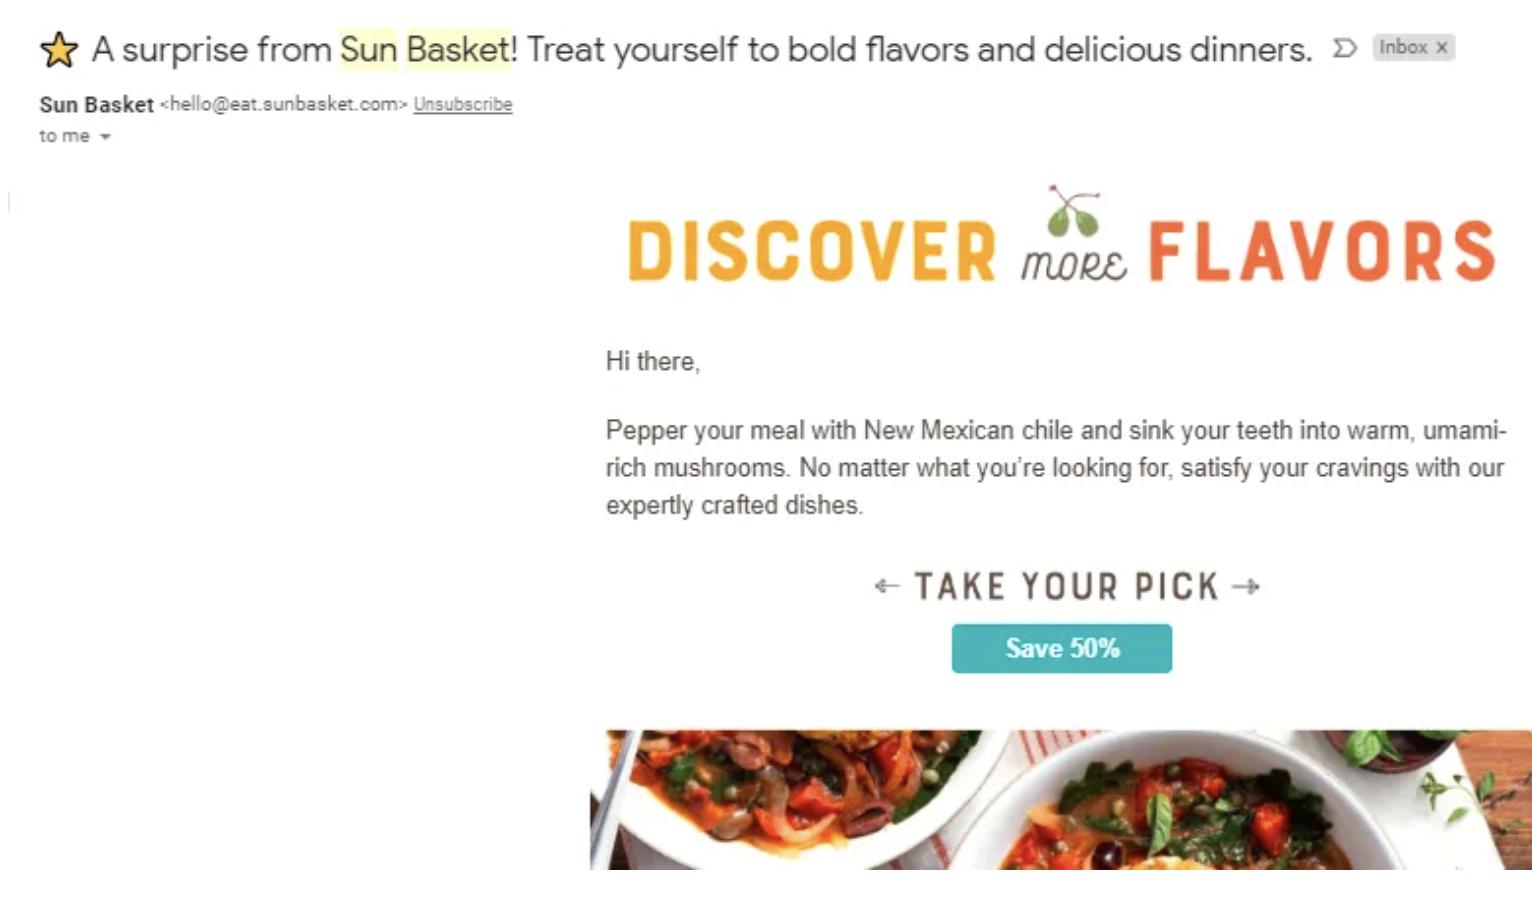 Sun Basket Flash Sale Email